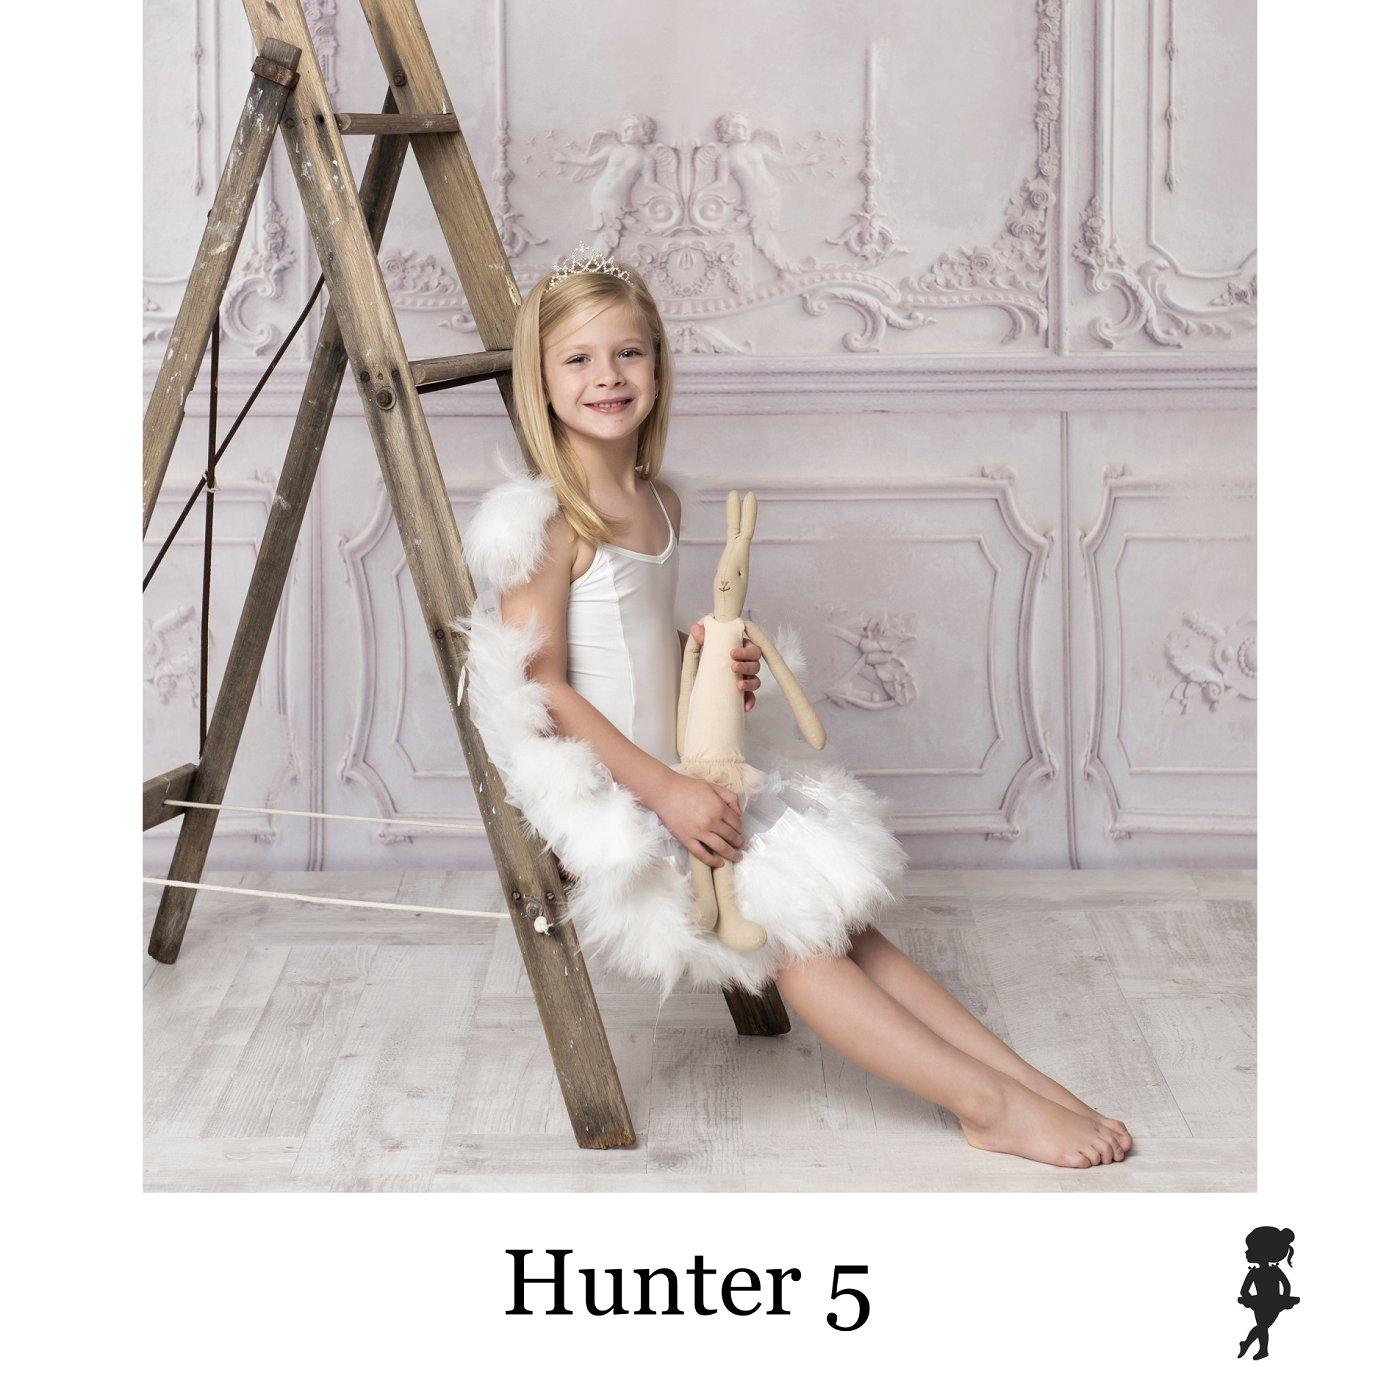 LB2119-Hunter 5.jpg